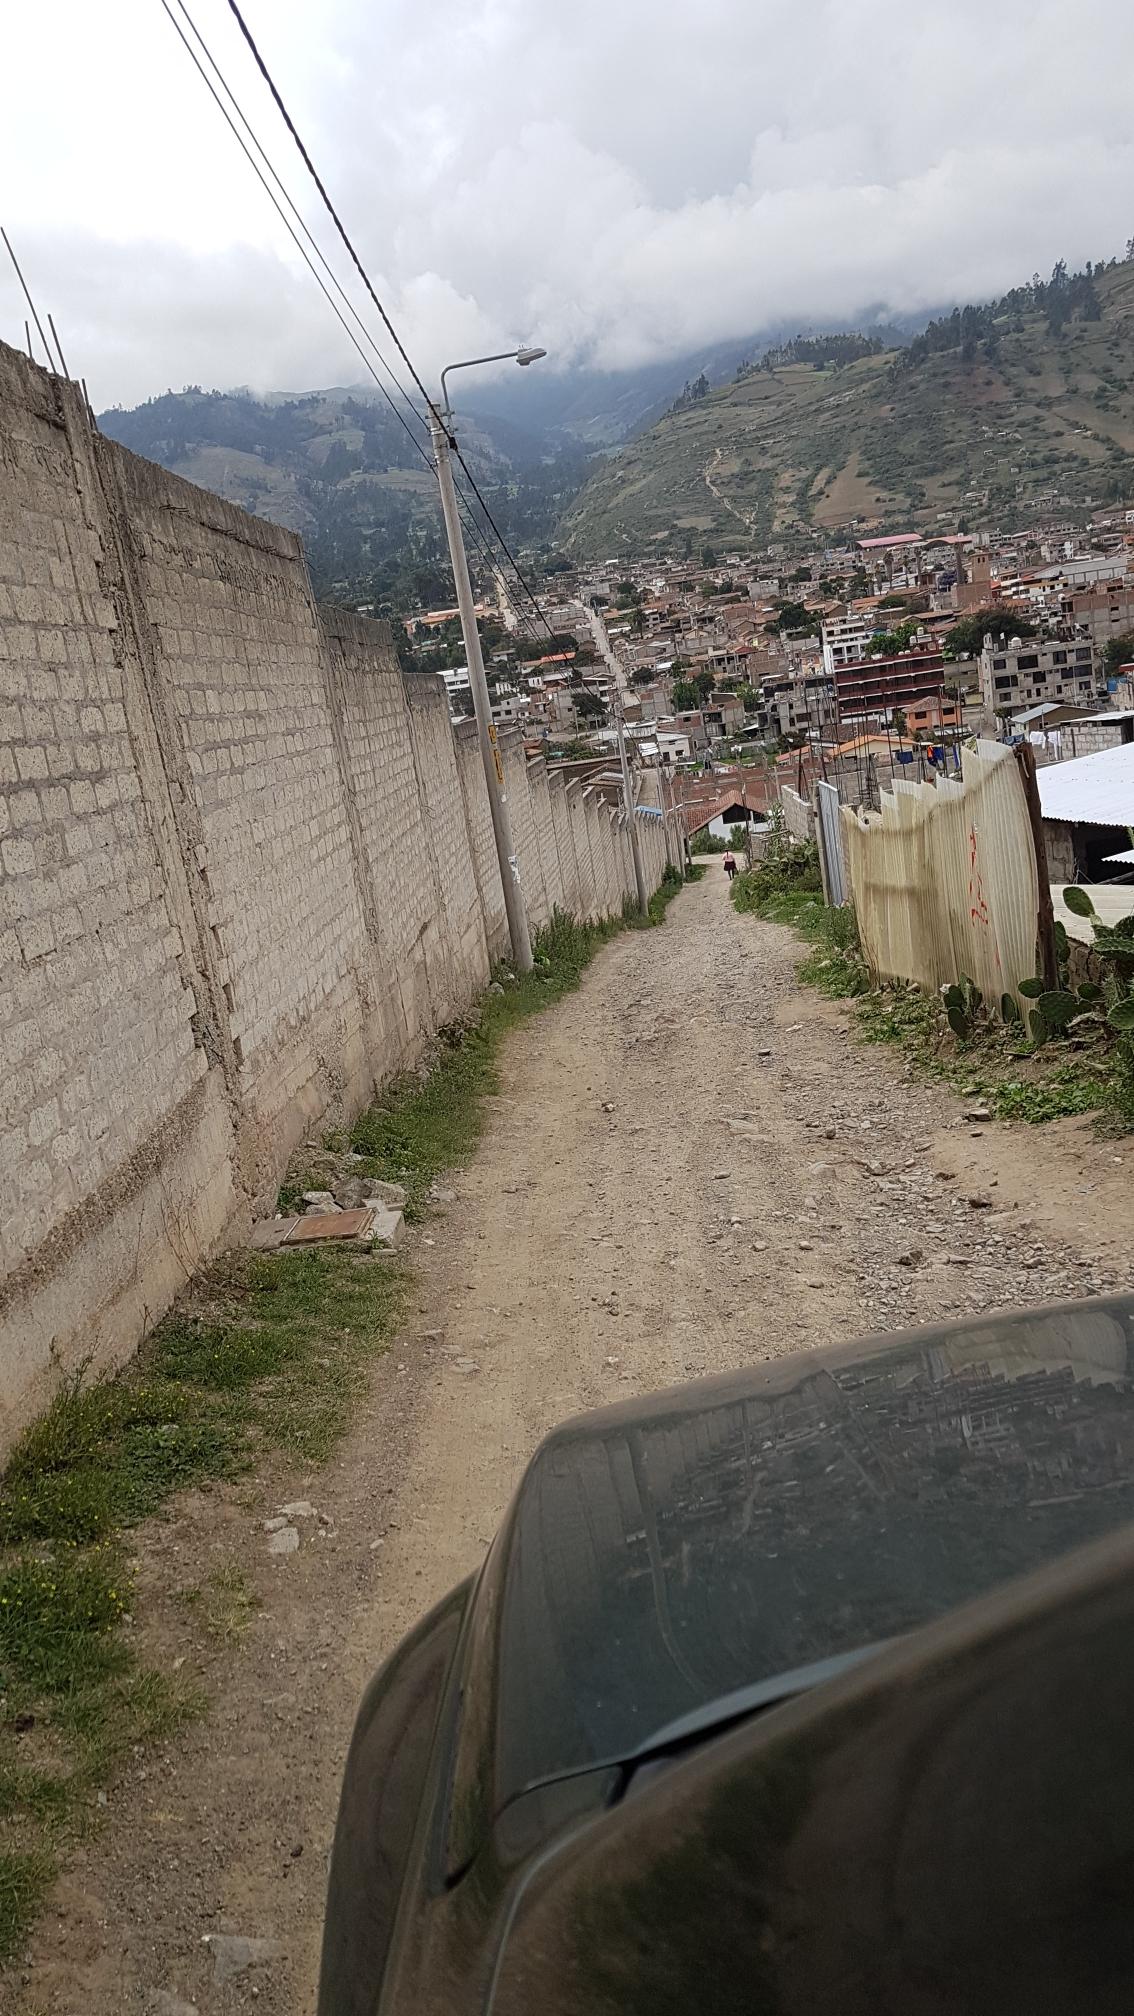 Der Weg nach unten zur Panamericana, links befindet sich hinter der Mauer der Friedhof.